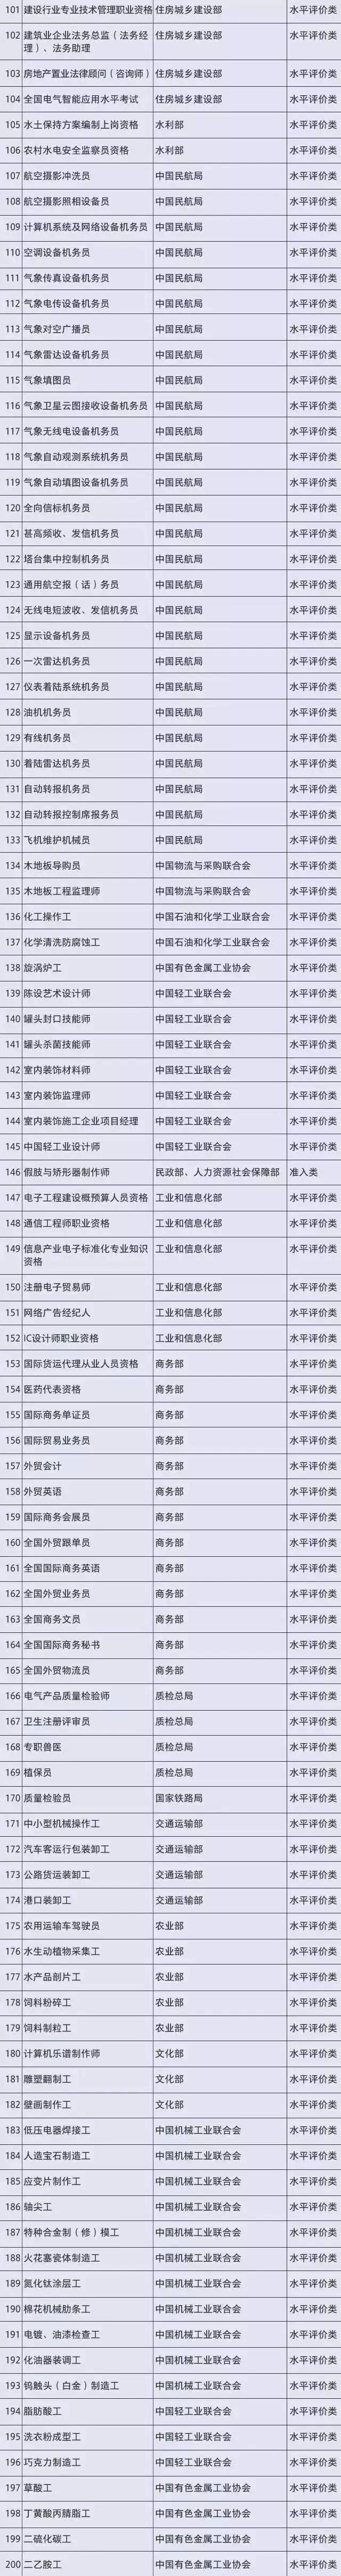 这些证书千万别考!434项职业资格已取消!国务院都发话了... 考证资讯 第3张